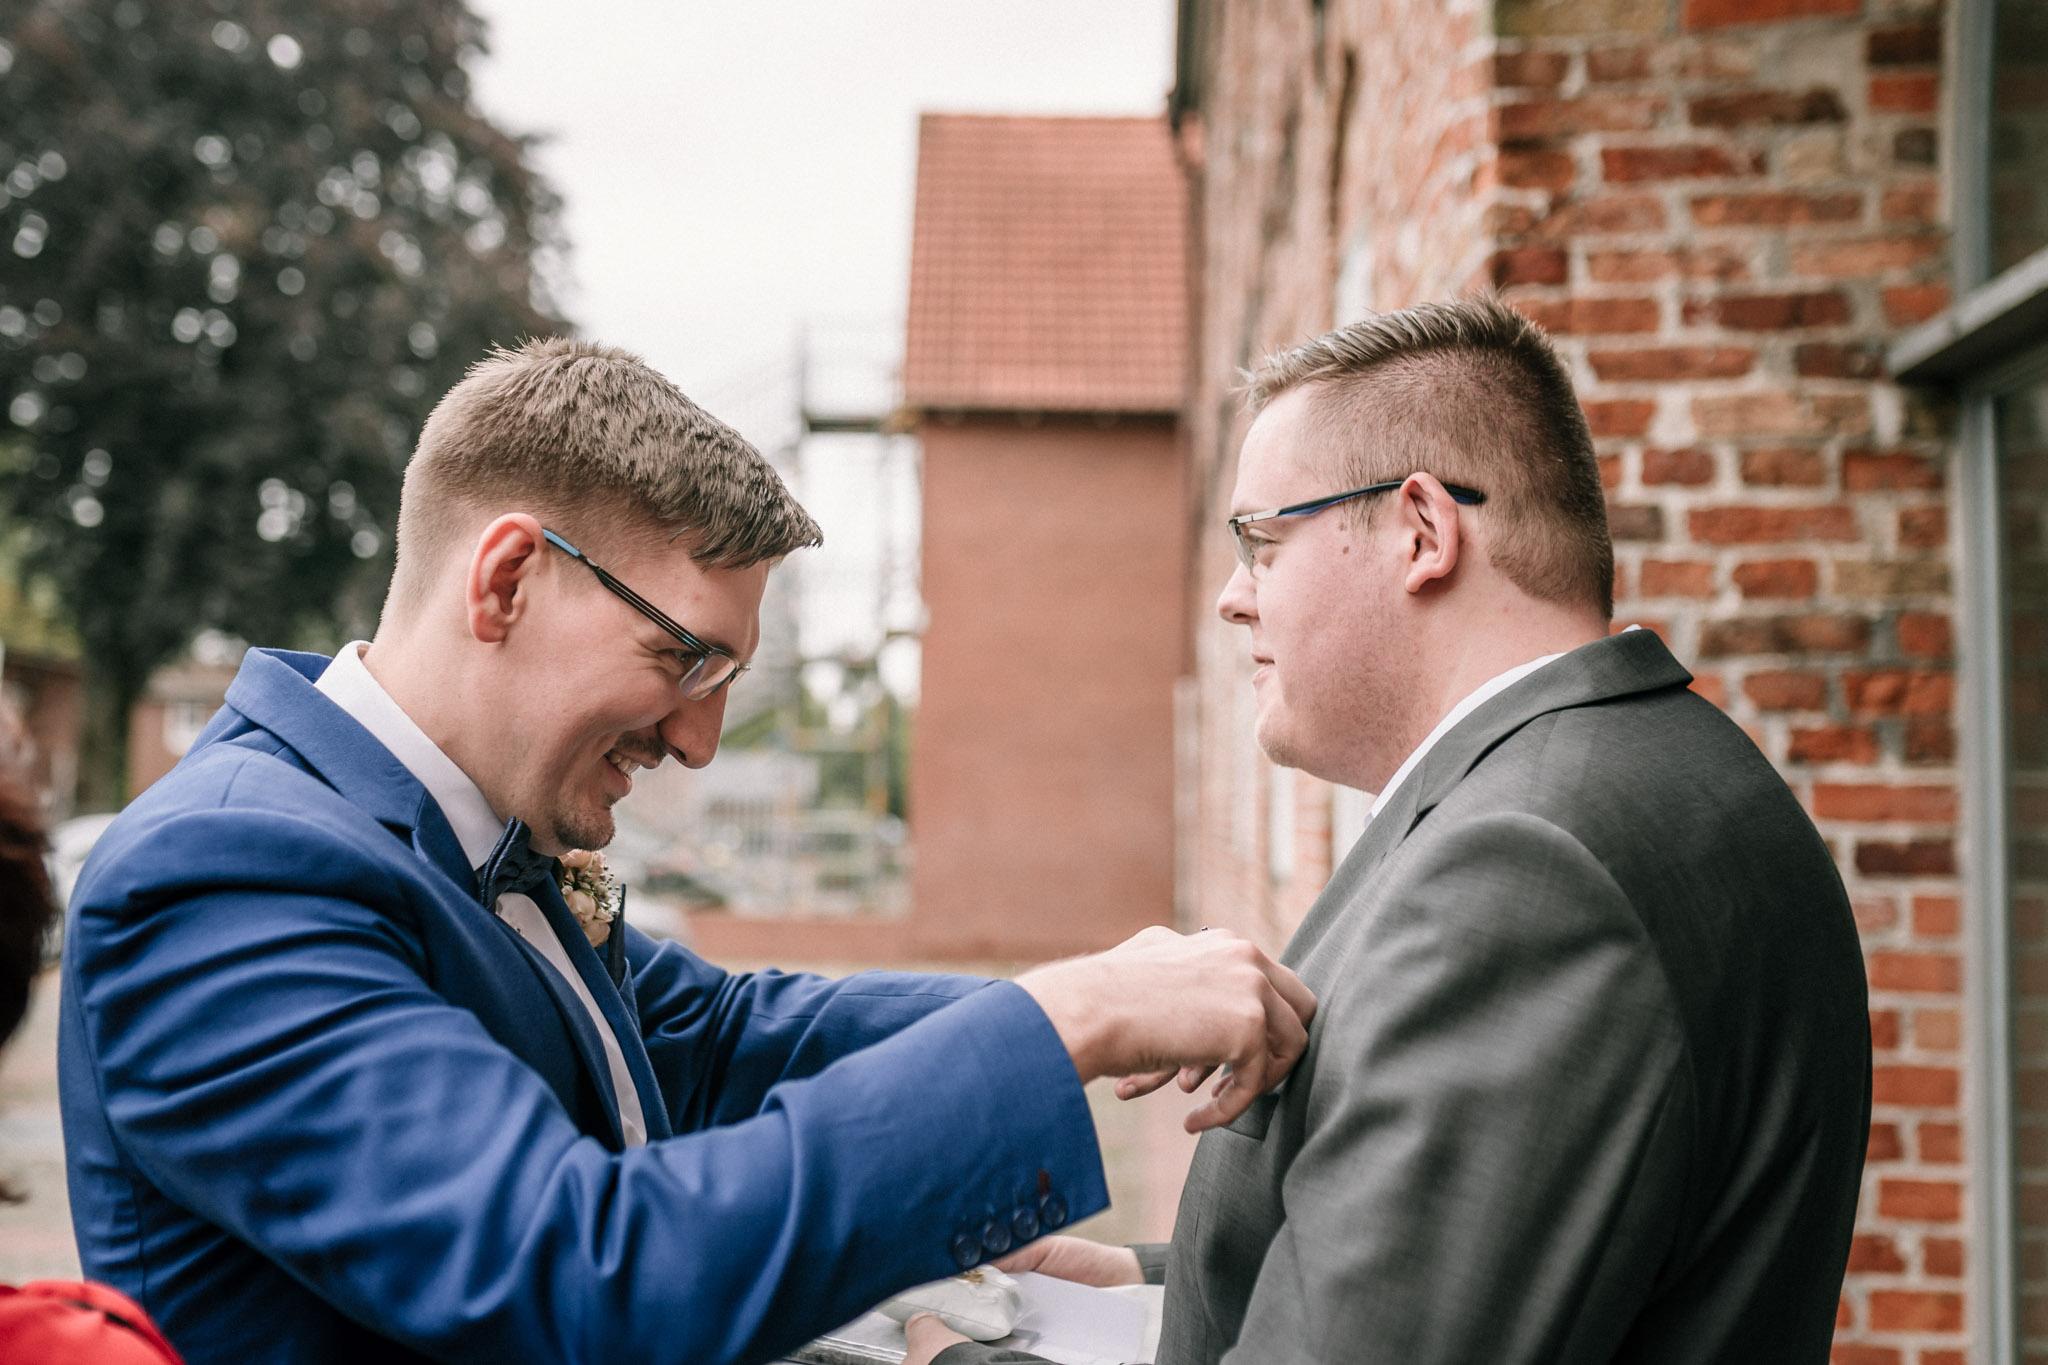 Hochzeitsfieber by Photo-Schomburg, Sven Schomburg Hochzeitsfotografie, Hochzeitsfotograf, Bad Bramstedt, Hamburg, Schleswig-Hostein-3